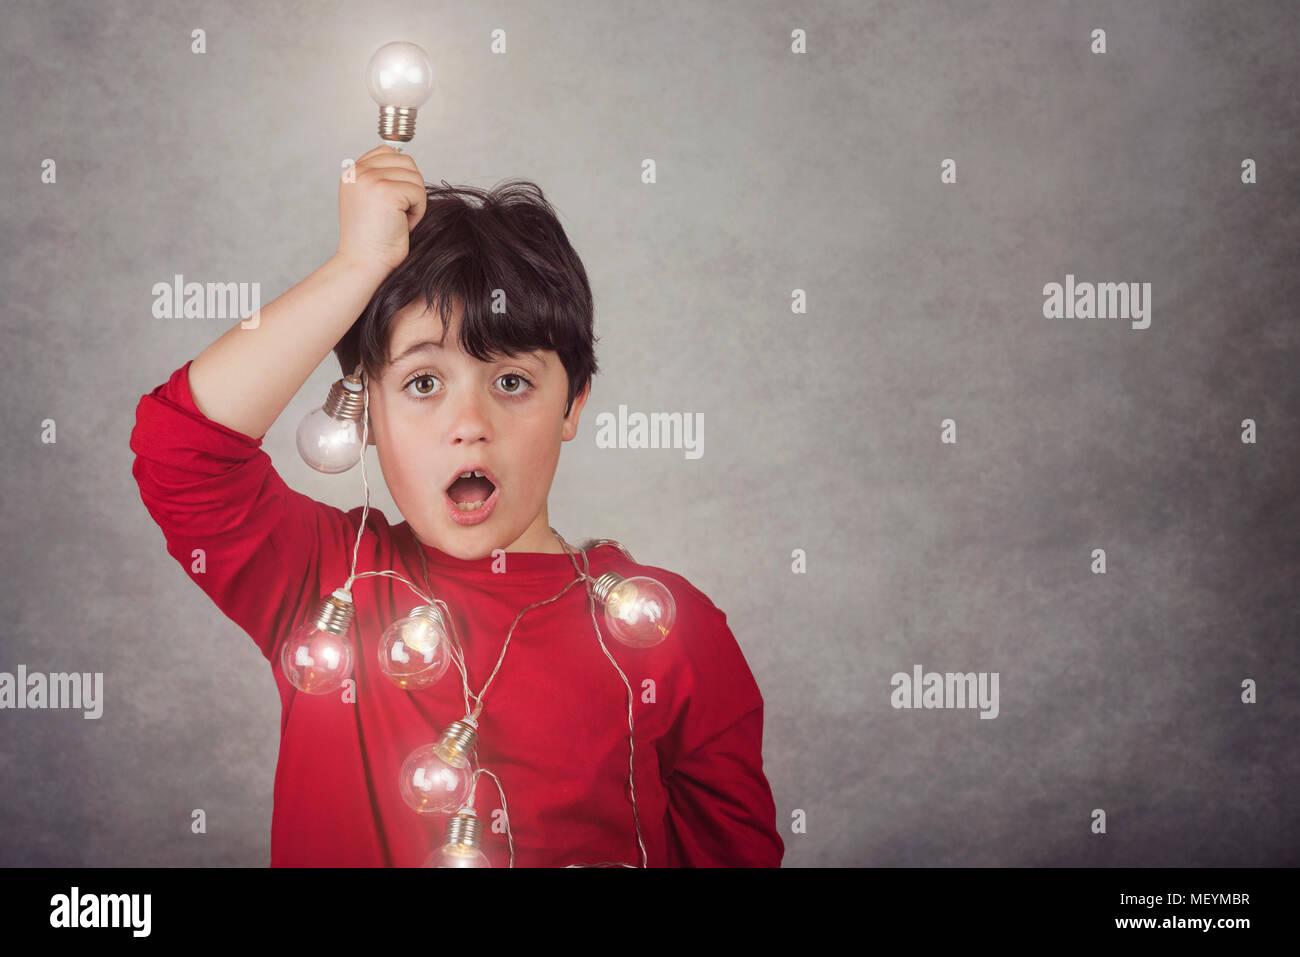 Überrascht Junge mit Glühbirnen auf grauem Hintergrund Stockbild